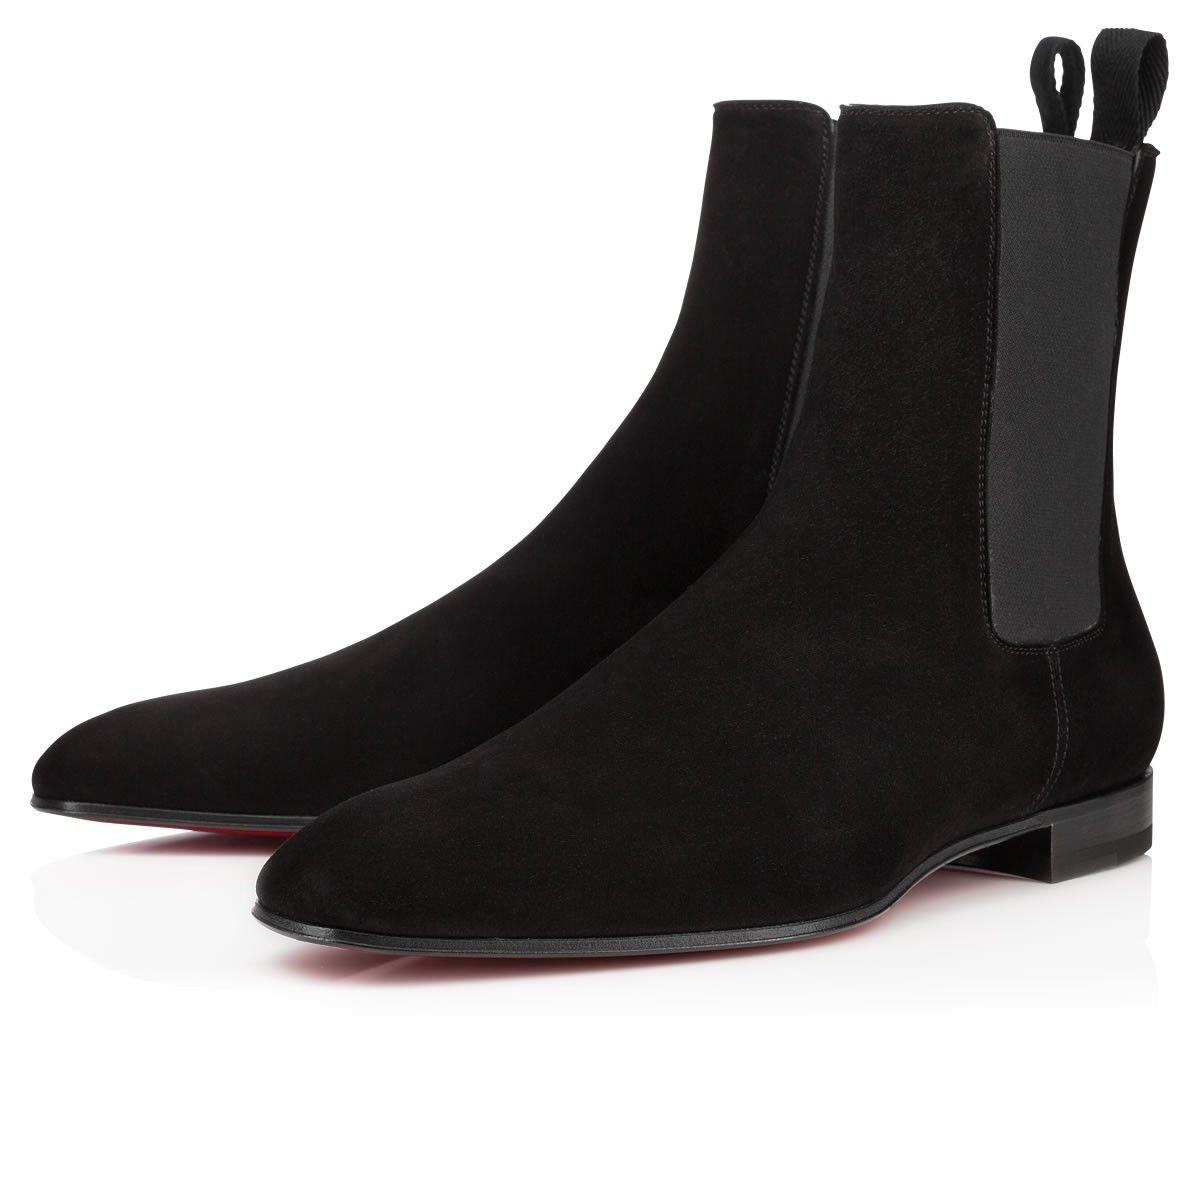 패션 우아한 비즈니스 디자이너 남성 블랙 가죽 나이트 부츠 하이 탑 레드 하단 부츠, 브랜드 평면 발목 부츠 캐주얼 신발